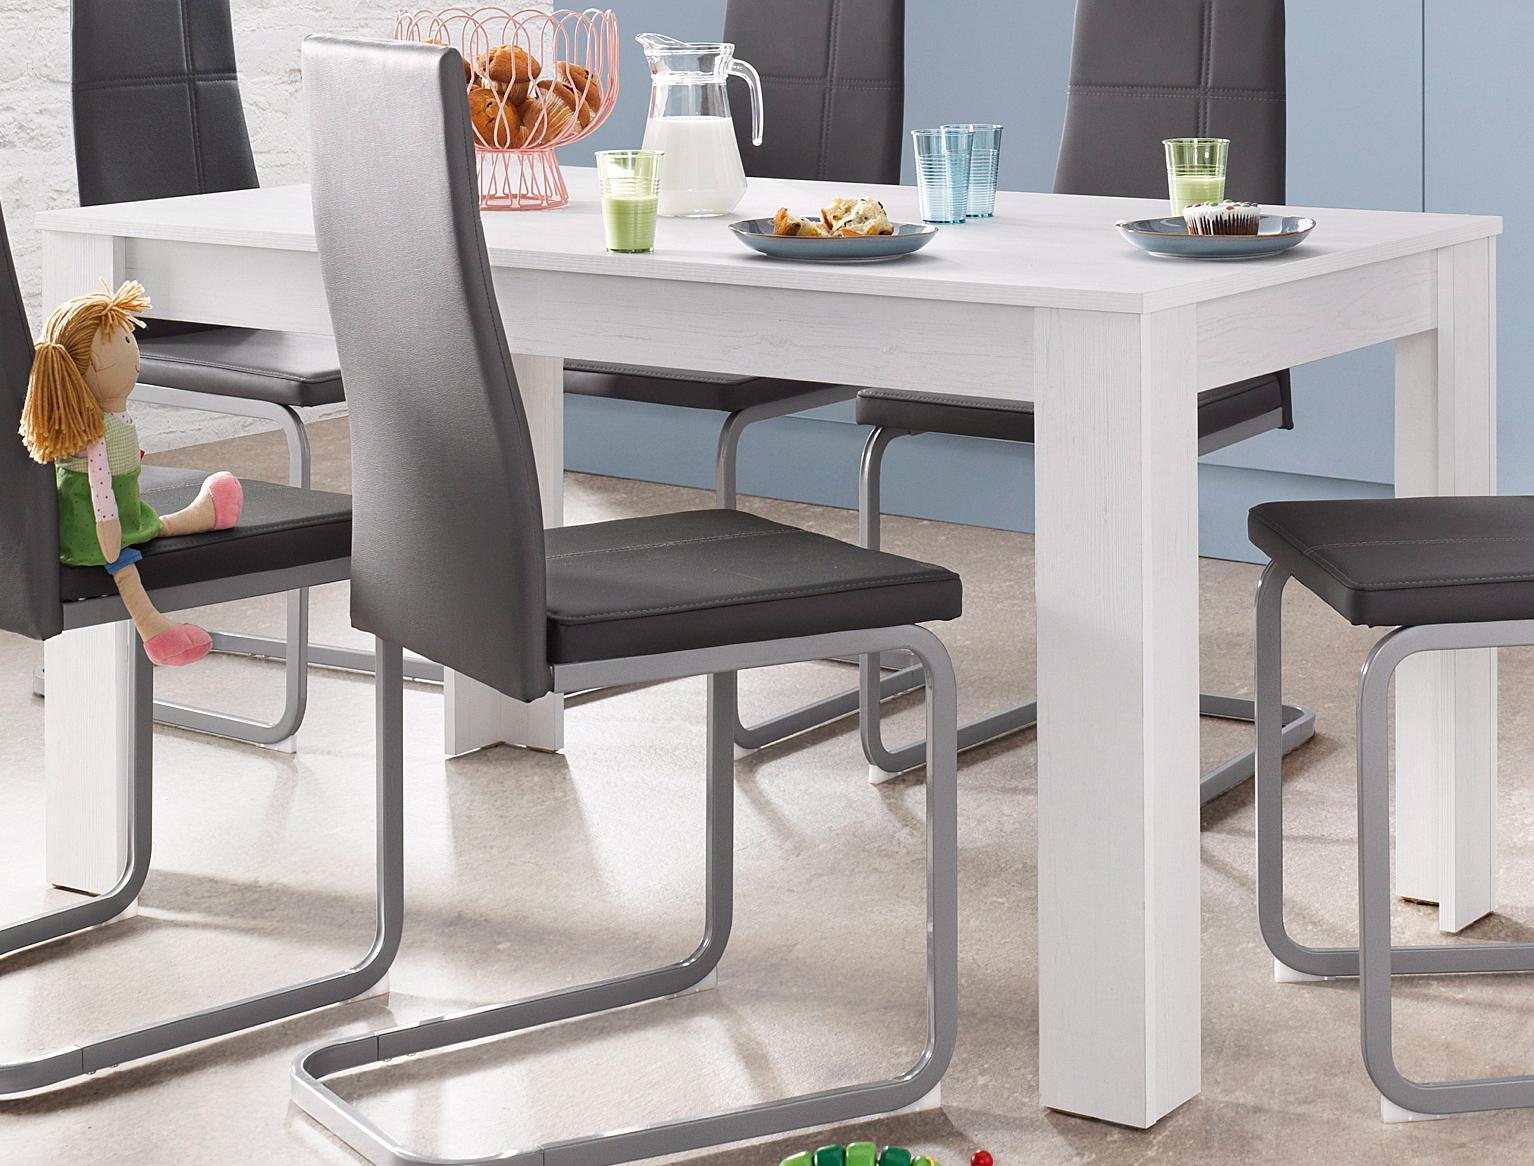 Homexperts Esstisch, Breite 140 cm weiß Esstisch Esstische rechteckig Tische